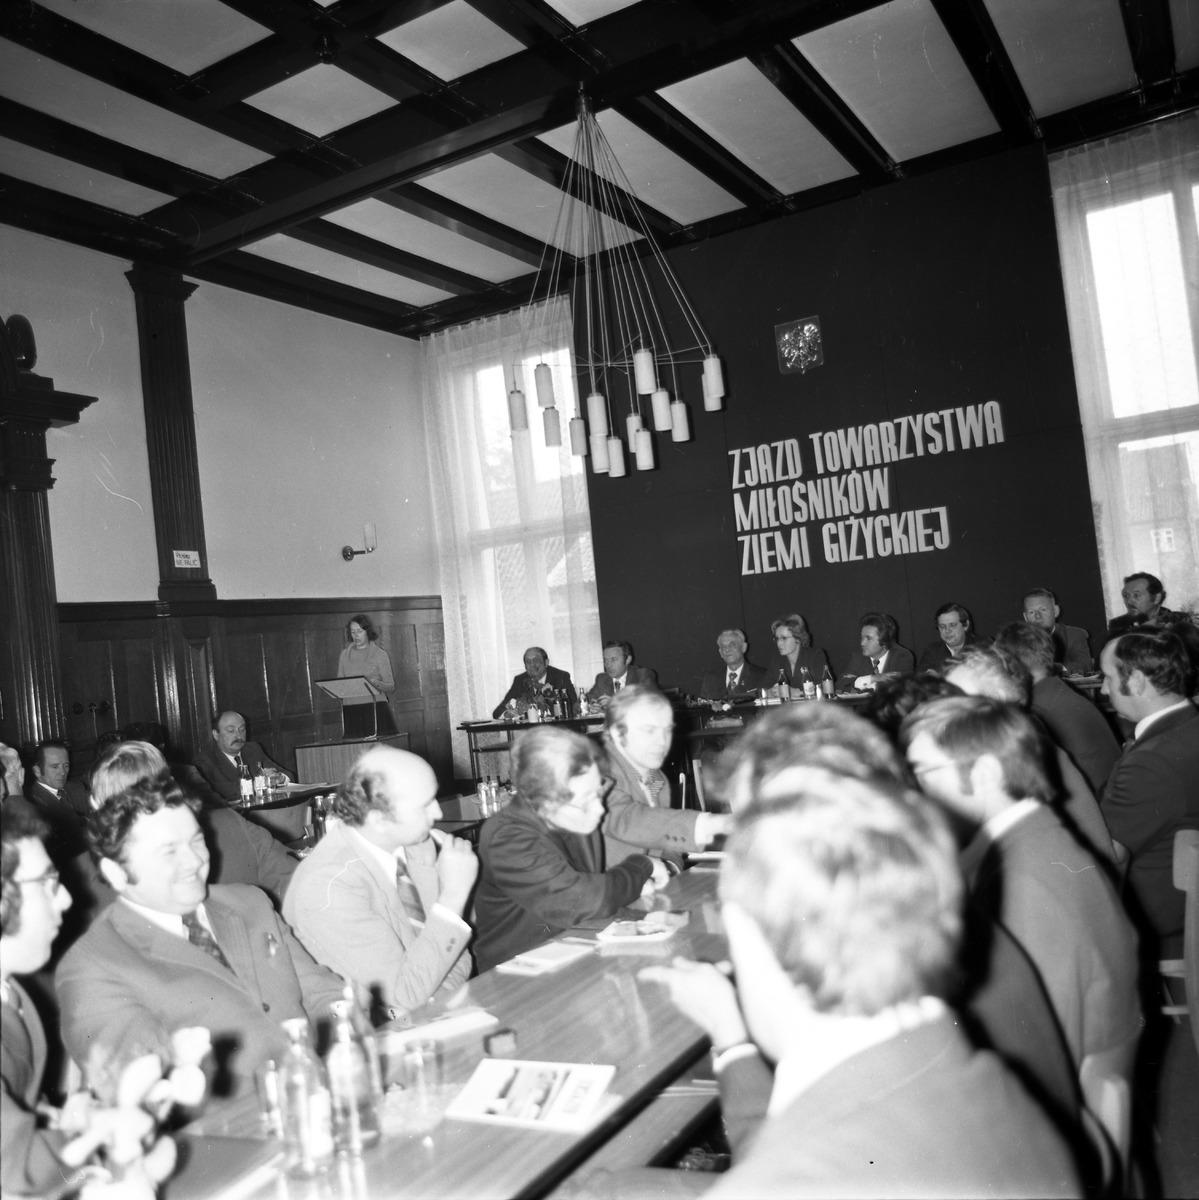 Zjazd Towarzystwa Miłośników Ziemi Giżyckiej, 1976 r. [1]